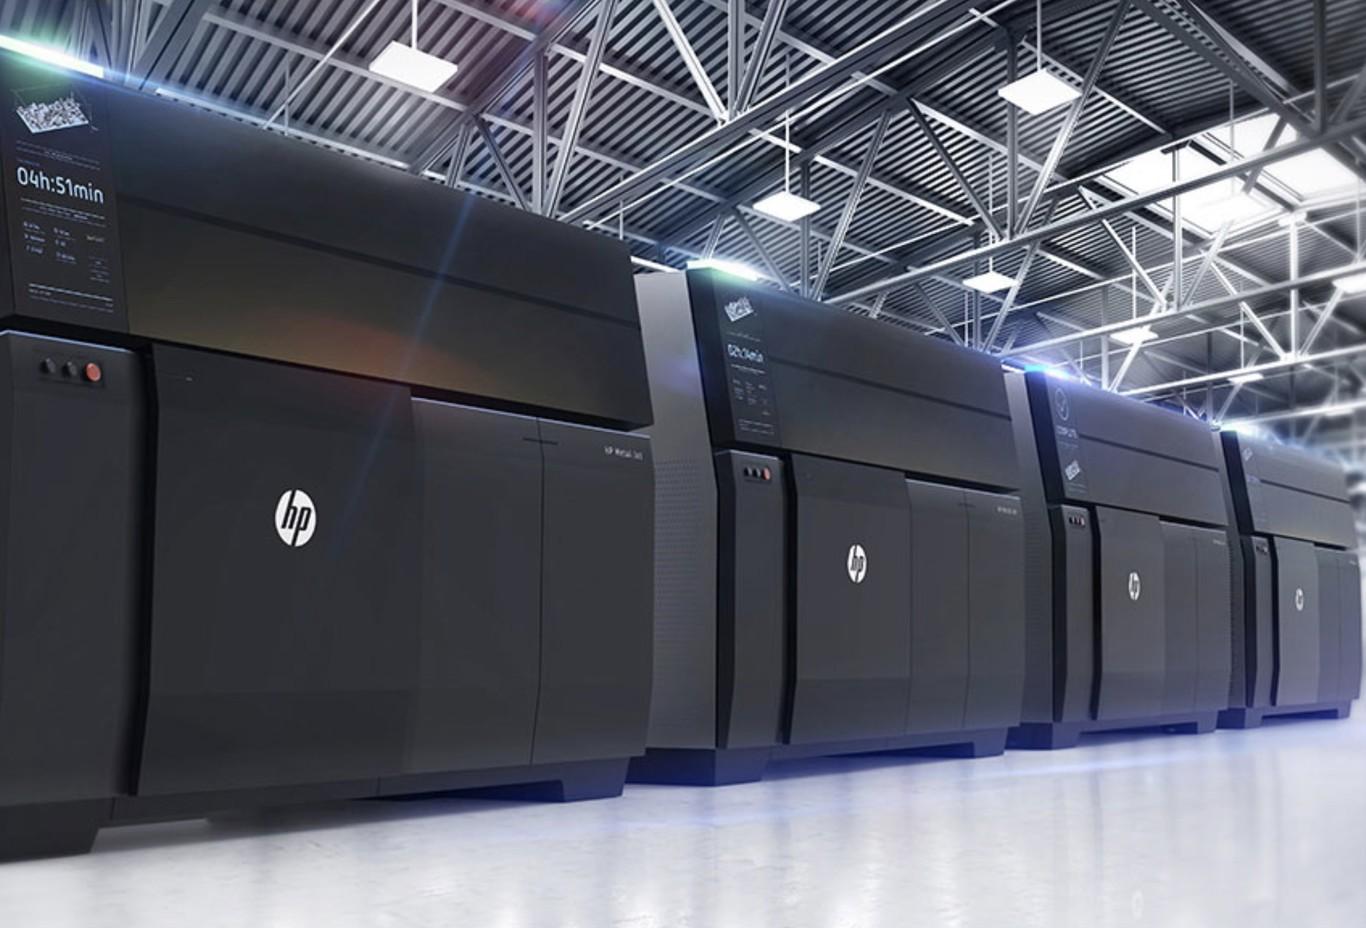 HP creó Impresoras 3D de Metal que son capaz de imprimir capa por capa polvo de éste, que al conjuntarse con un aglutinante hace piezas firmes y ligeras.